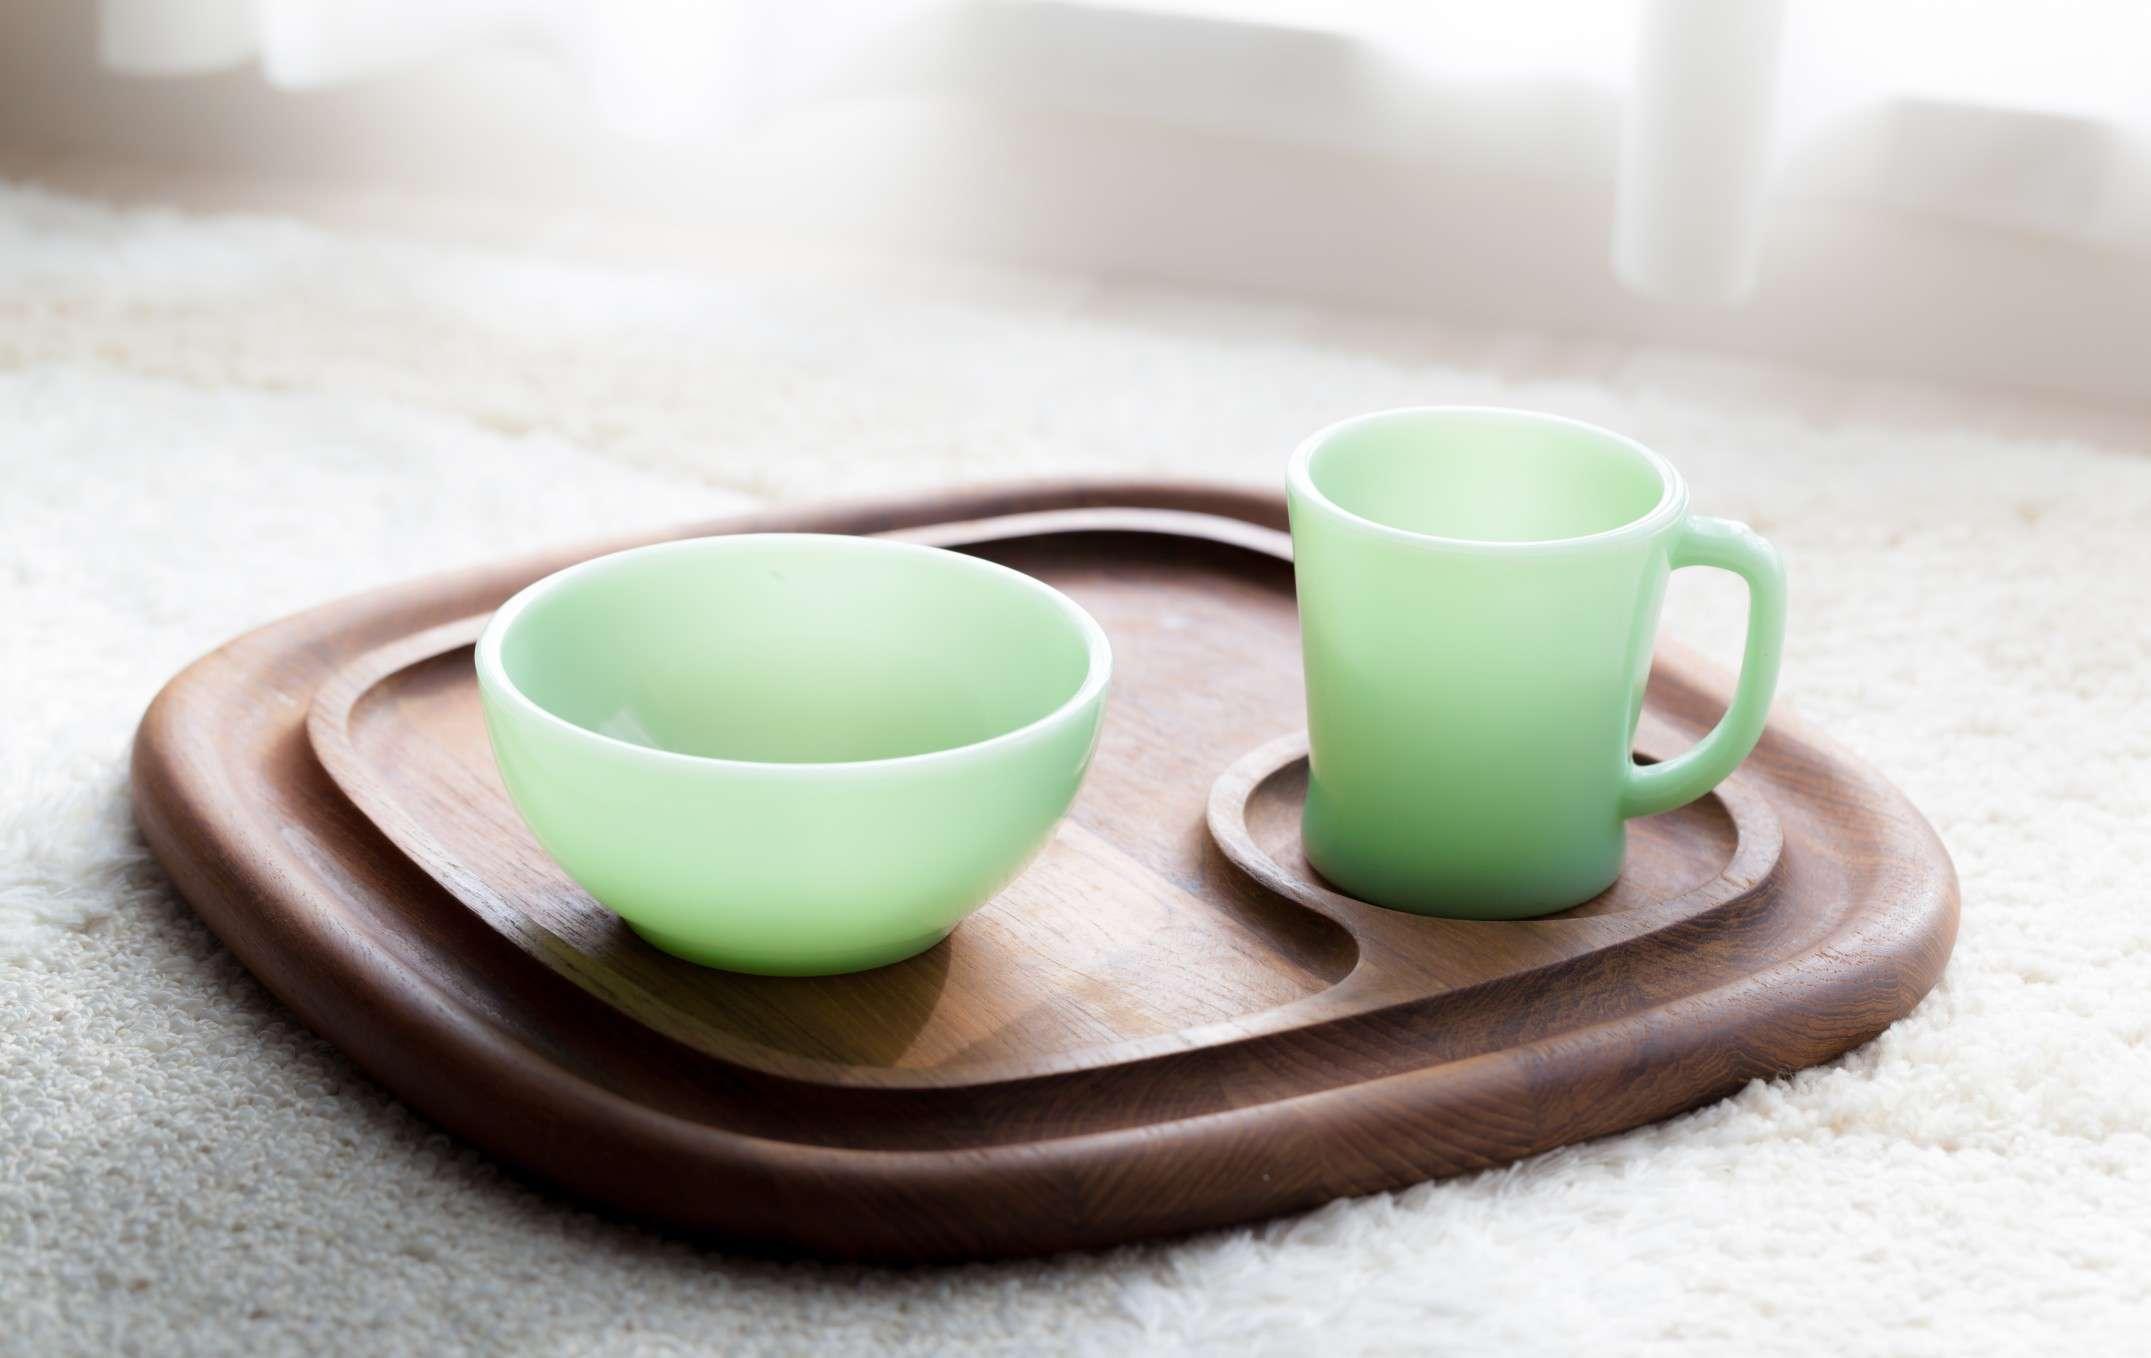 milk glass bowl and mug